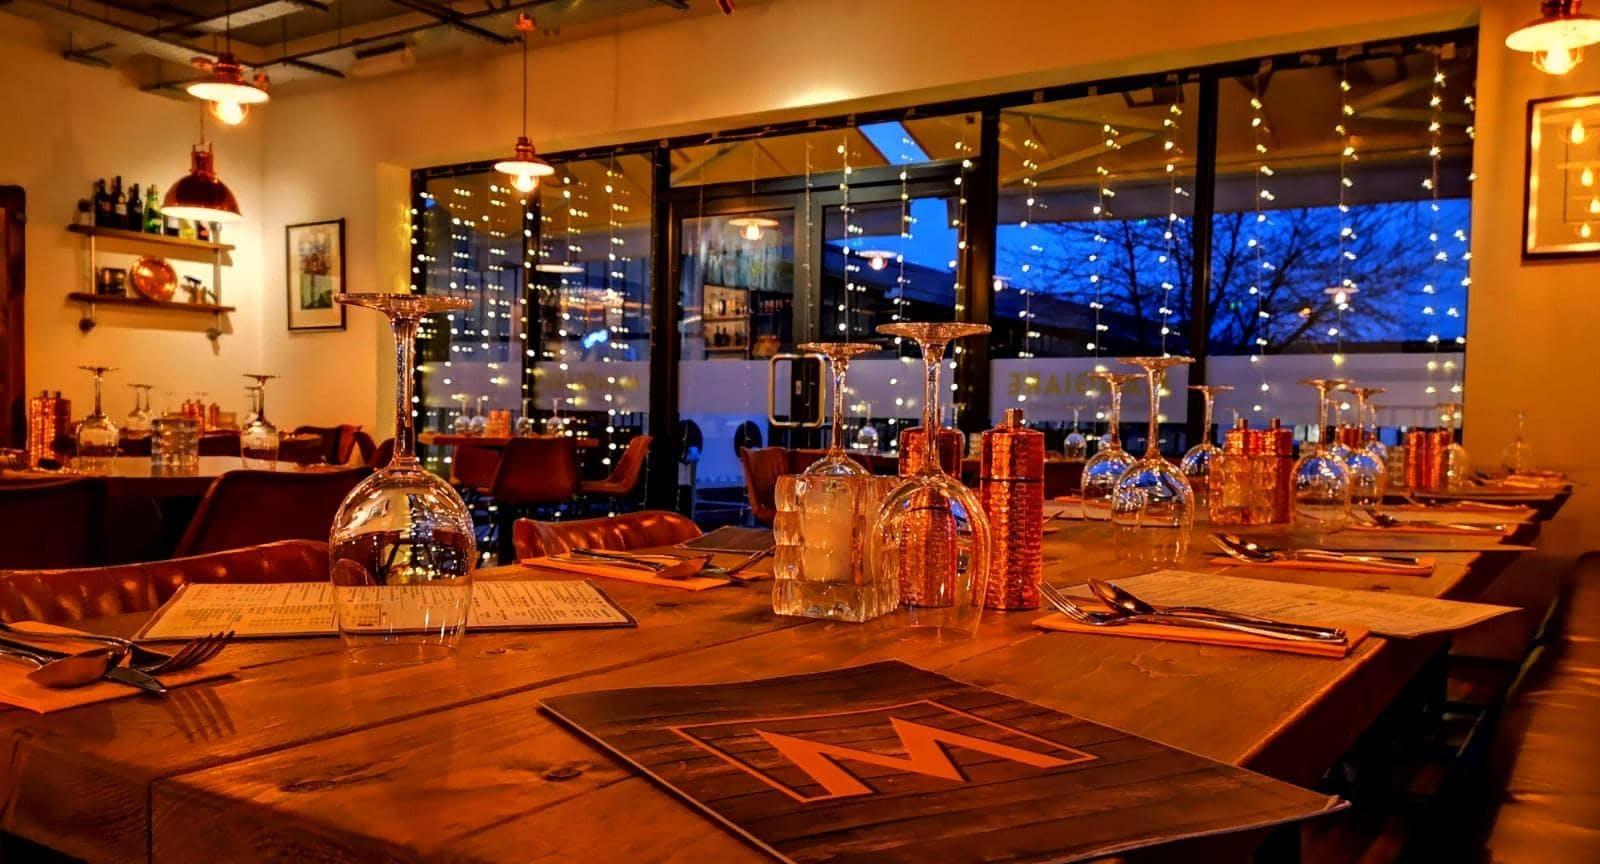 Mangiare Ristorante Italiano Newmarket image 2